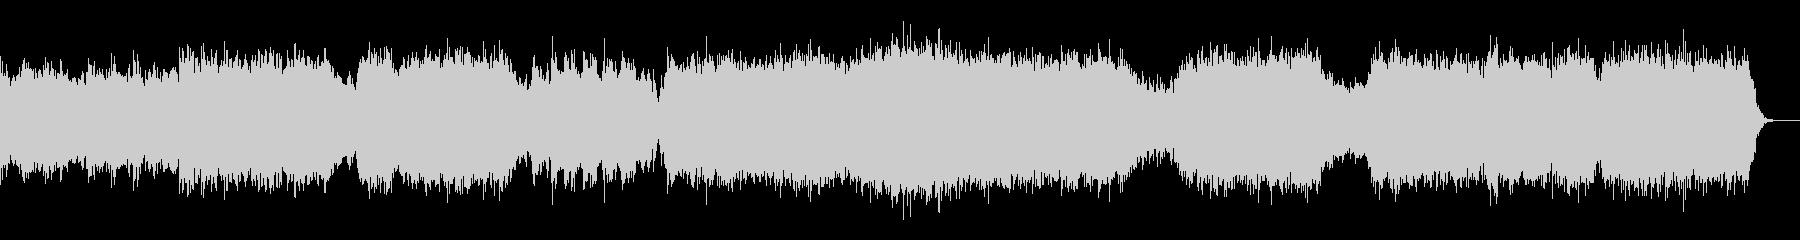 ブルックグリーン組曲より第二楽章エアーの未再生の波形